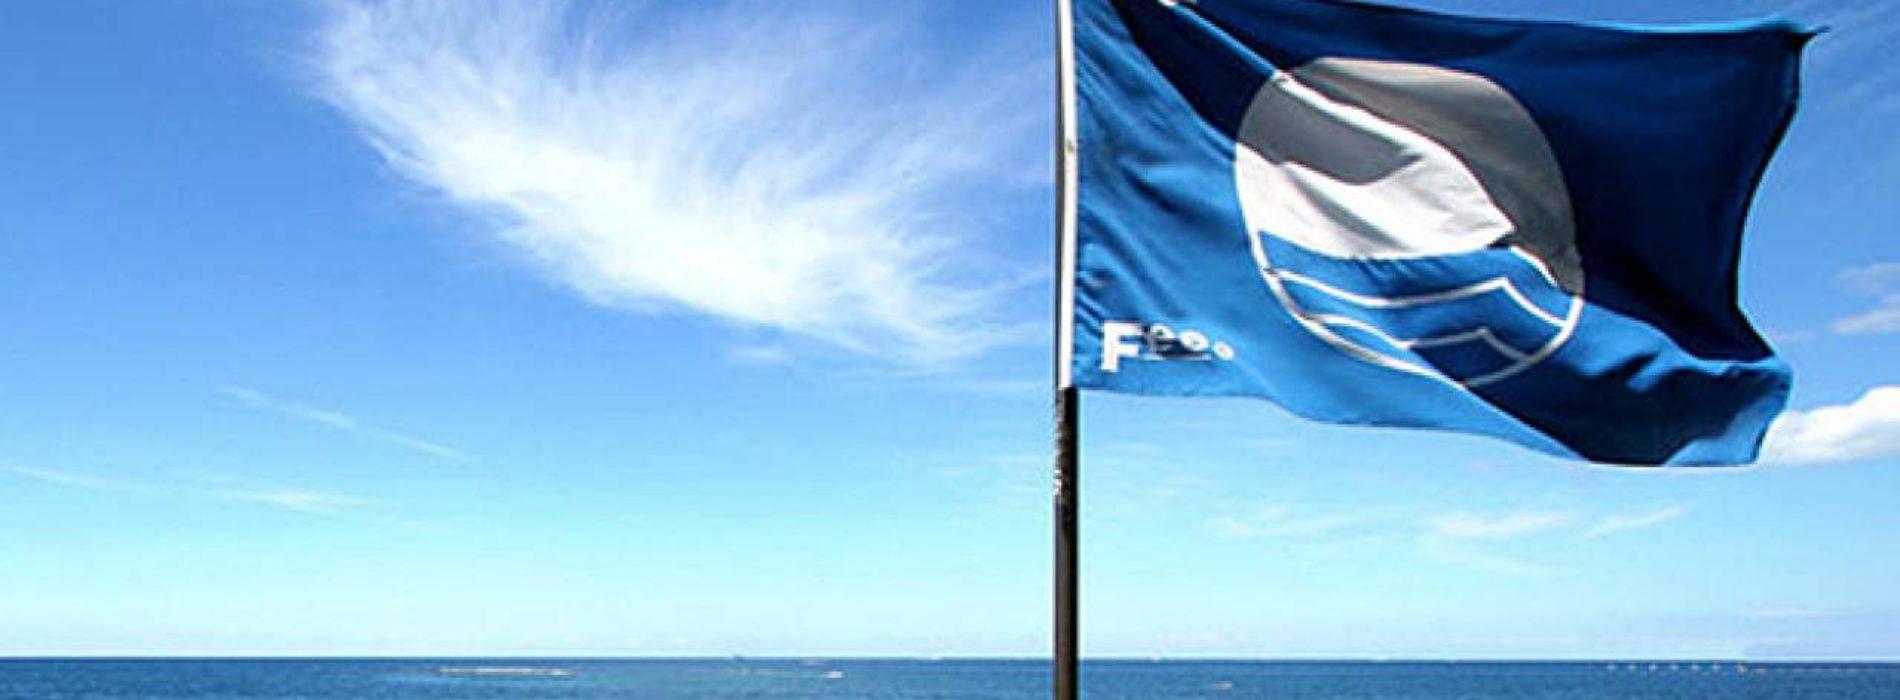 Bandiere blu 2017: Campania al quarto posto con 15 spiagge